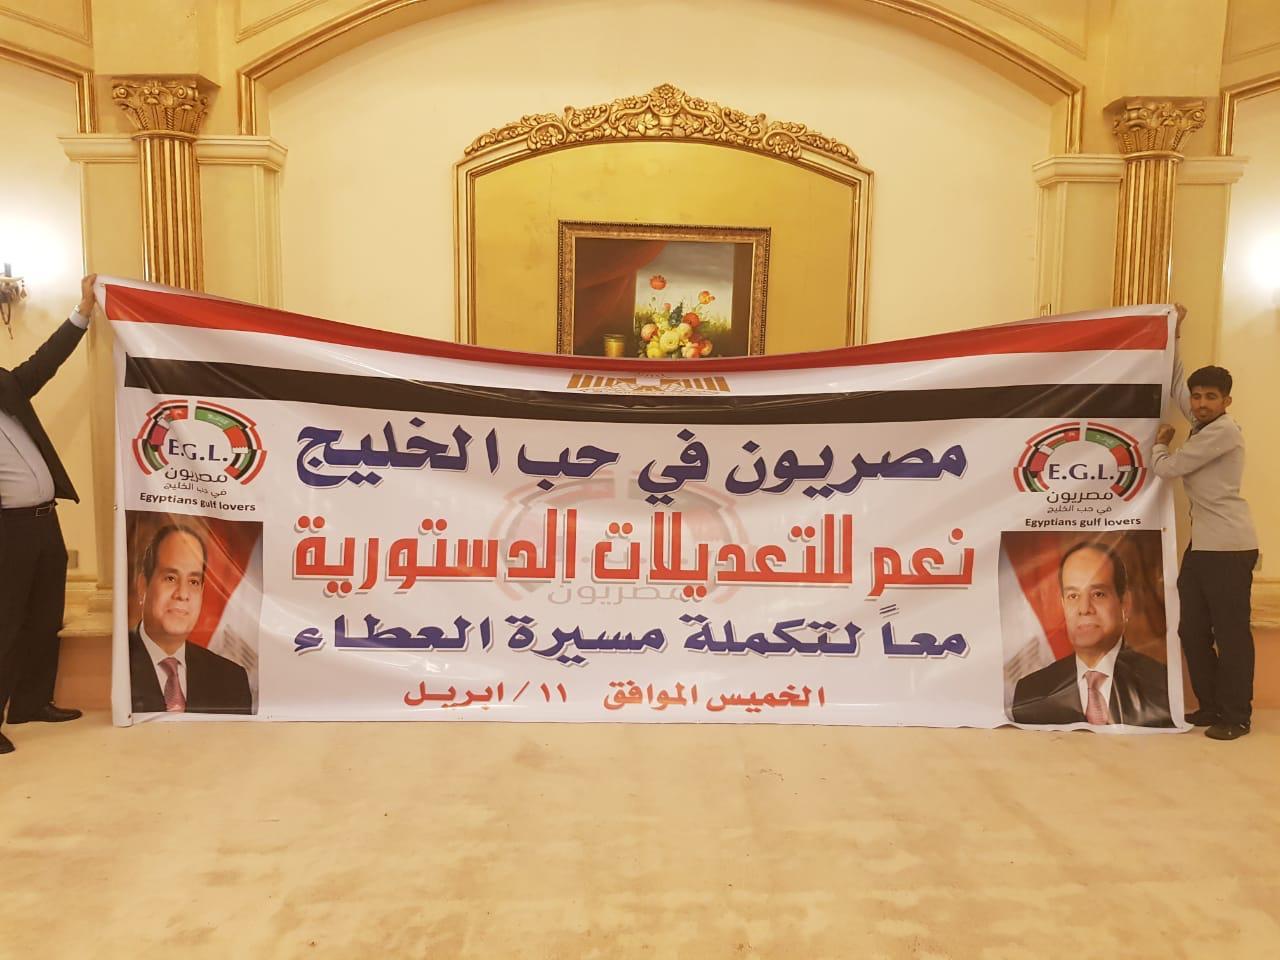 احتفالية استعدادا للمشاركة فى الاستفتاء على التعديلات الدستورية  (2)